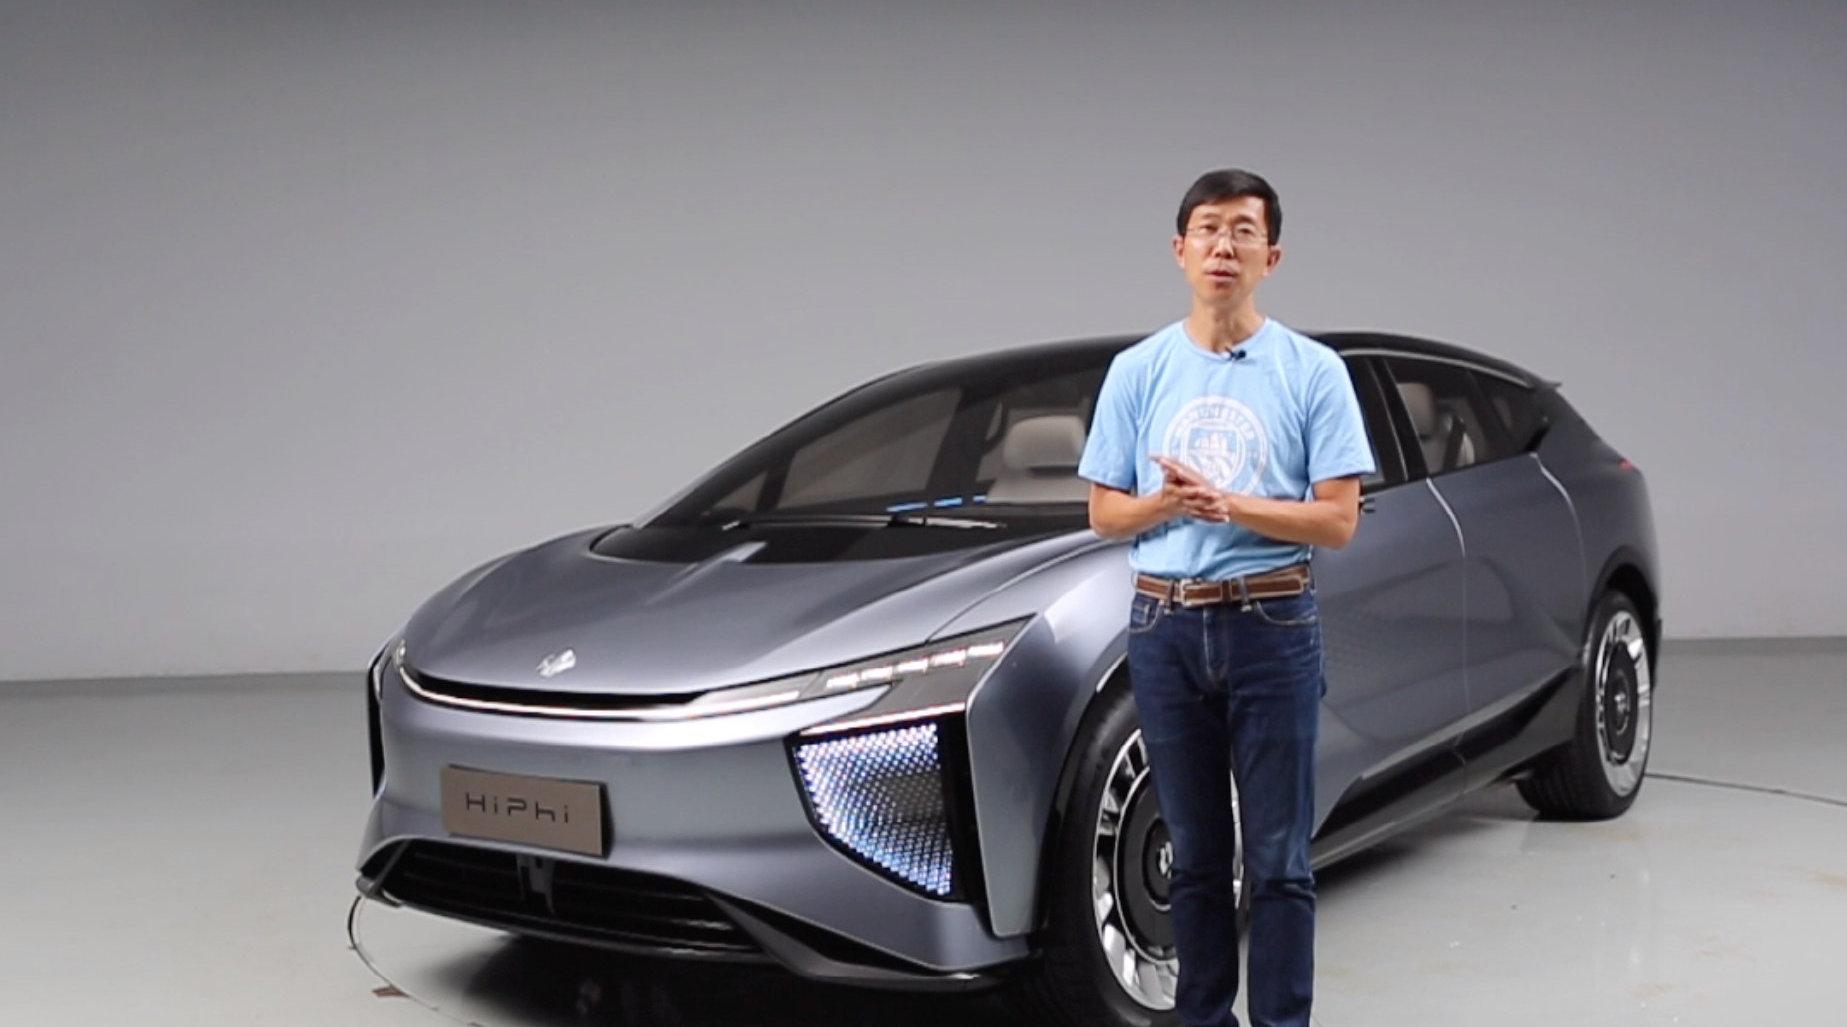 高合HiPhi 1,可能是有史以来最高端的中国智造